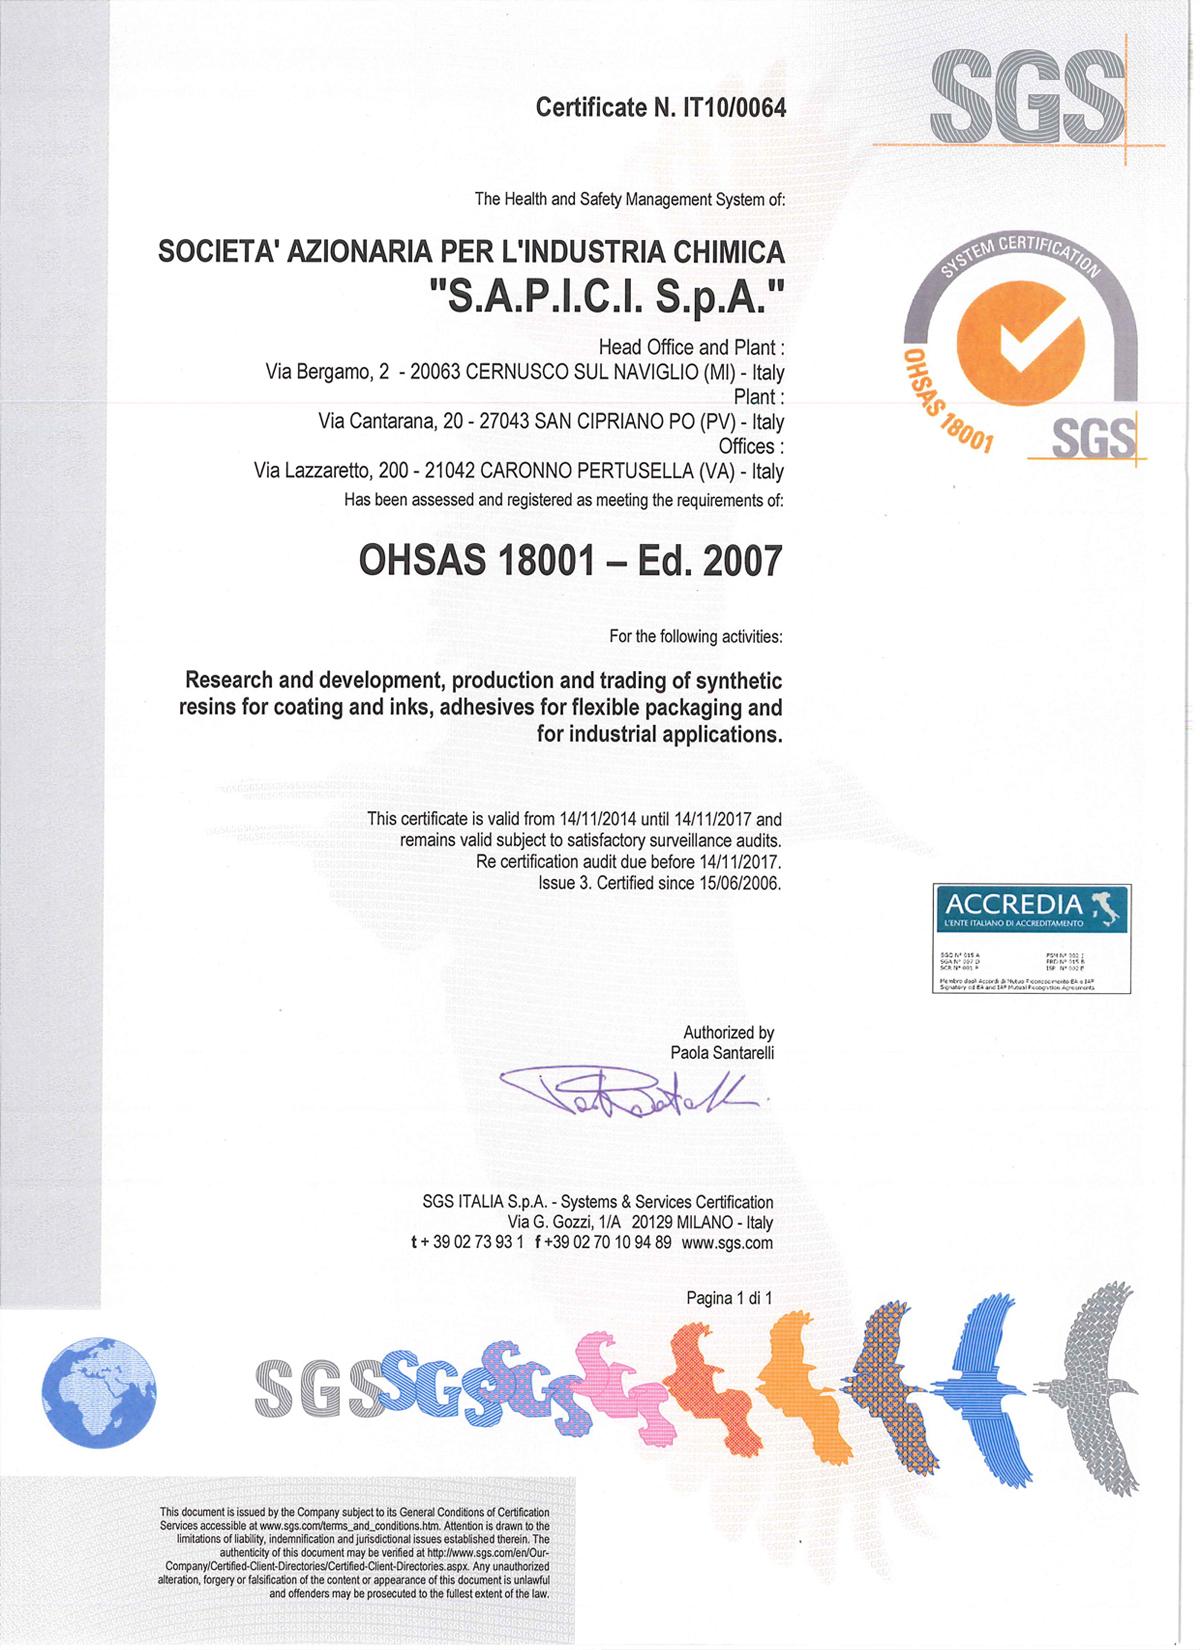 Certificates - SAPICI S.p.A.